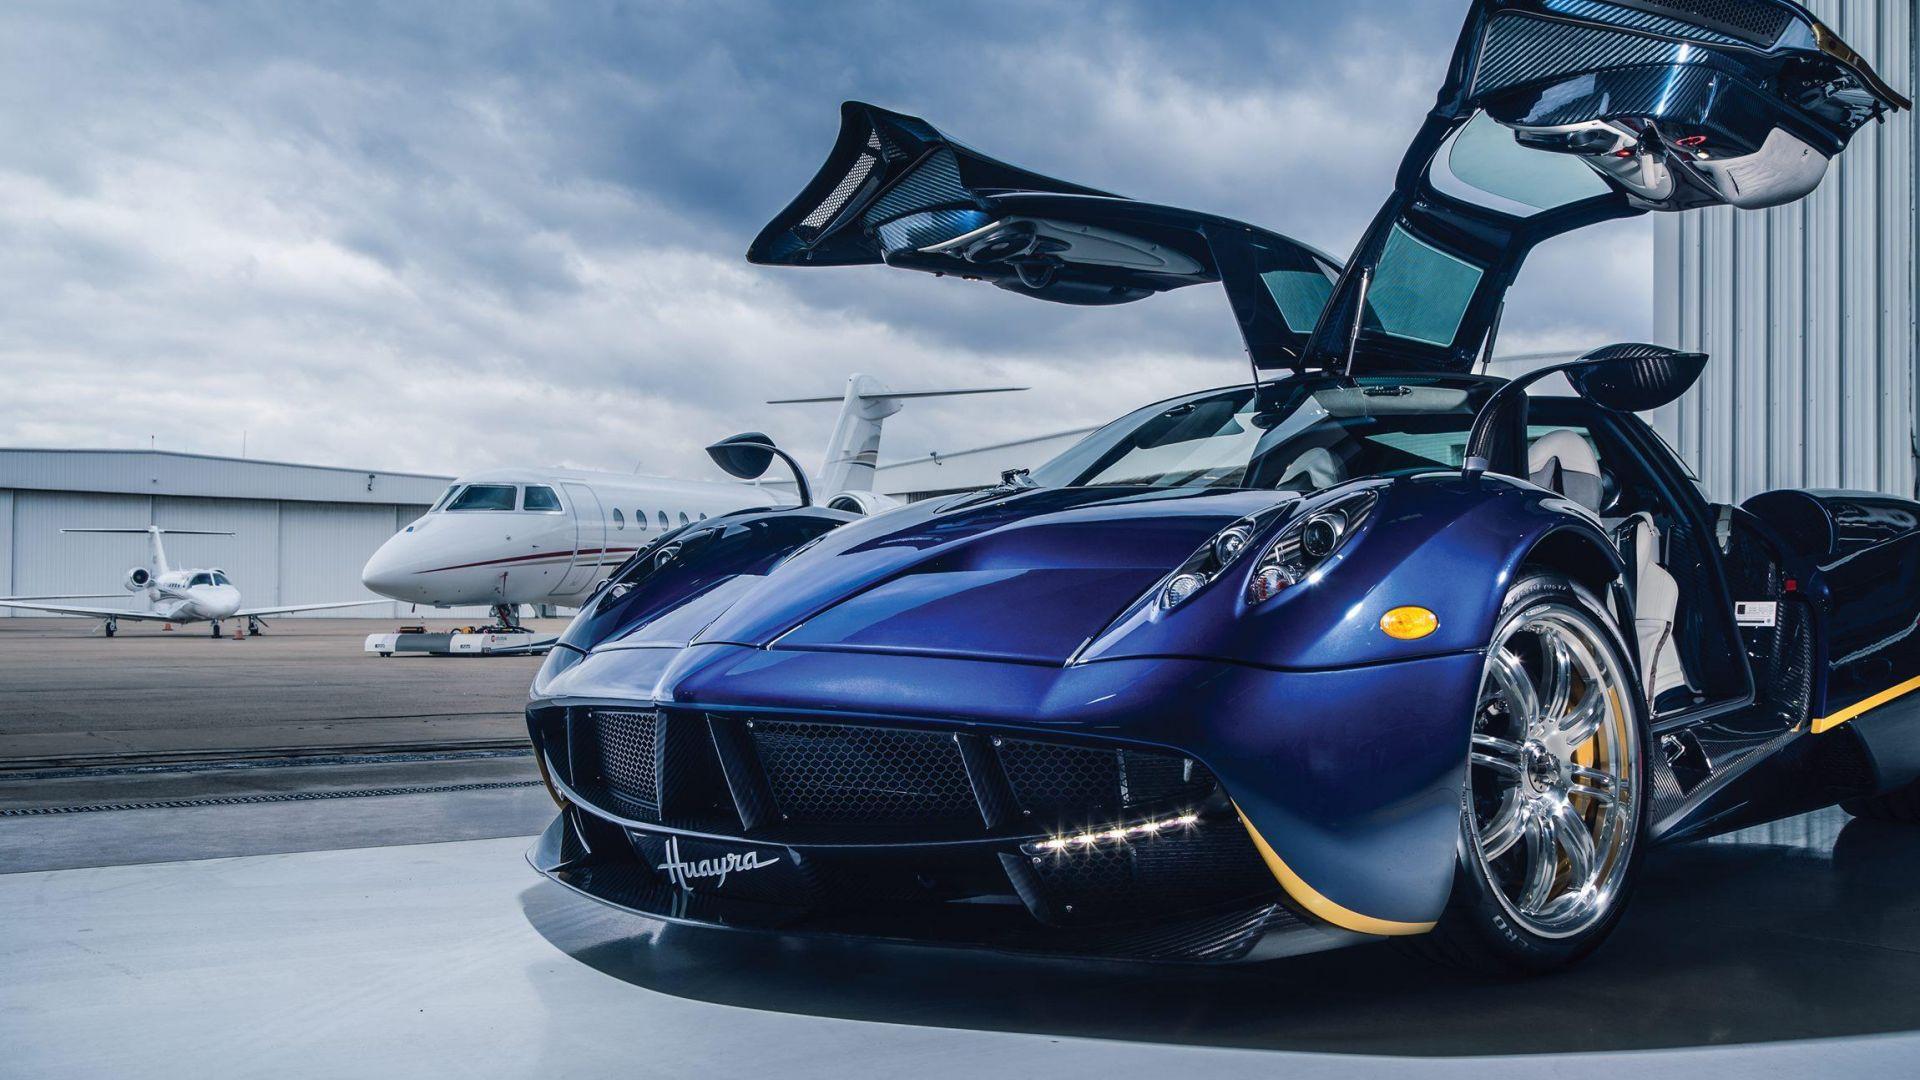 Wallpaper Pagani Huayra, sports blue car